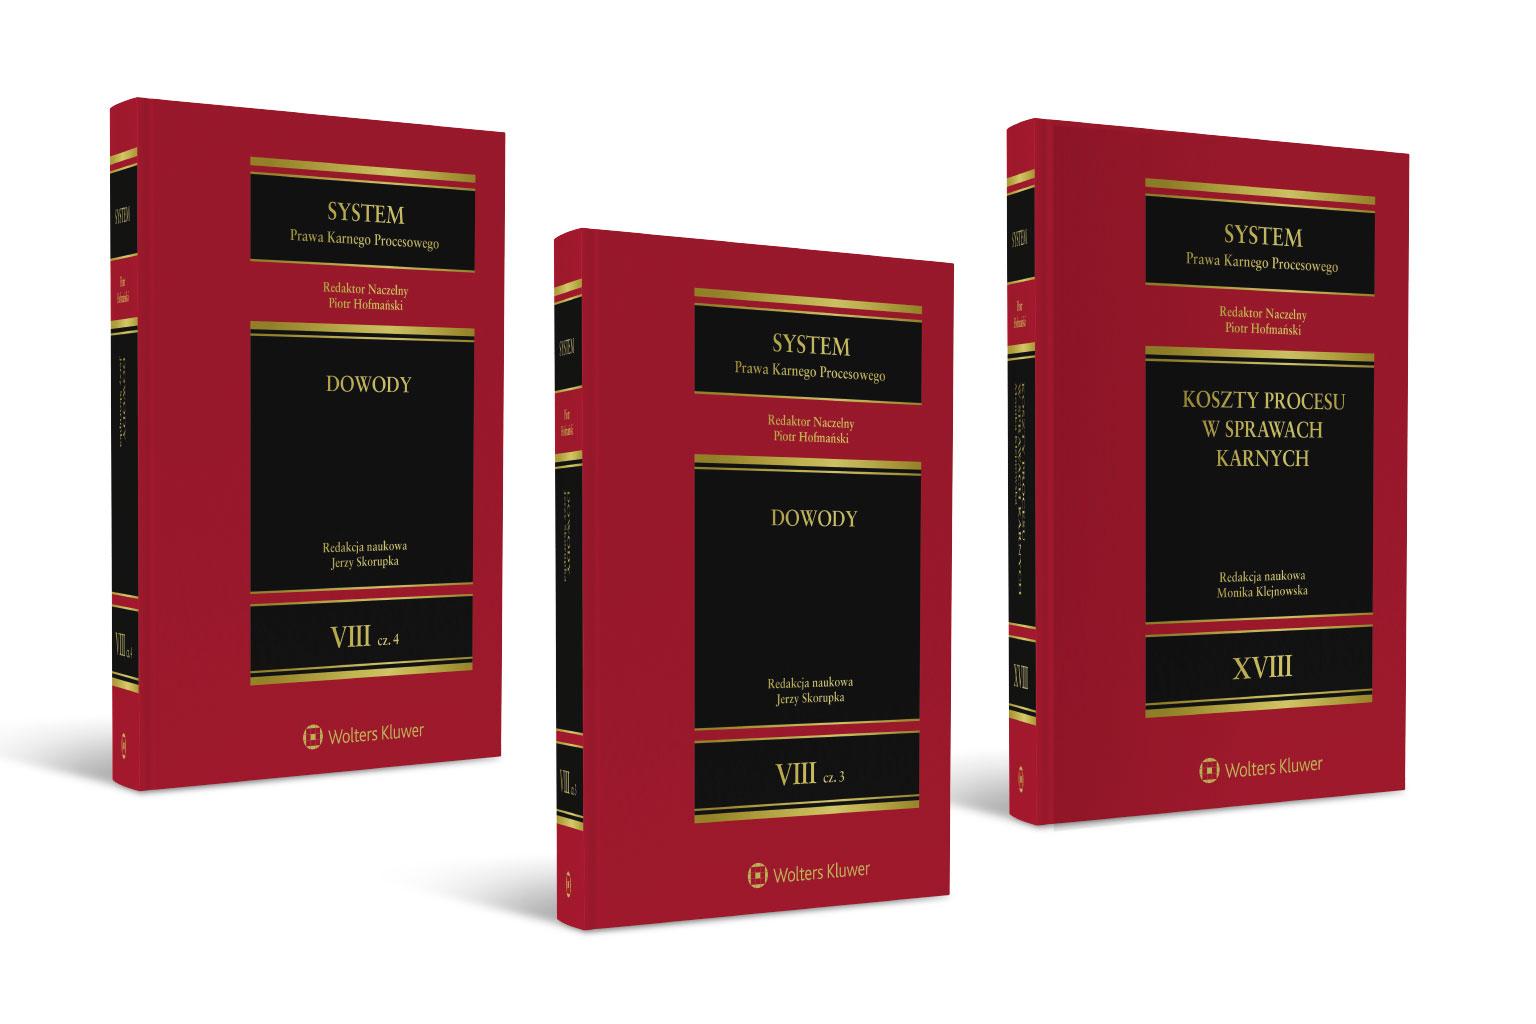 Obecnie dostępne w LEX tomy Systemu Prawa Karnego Procesowego